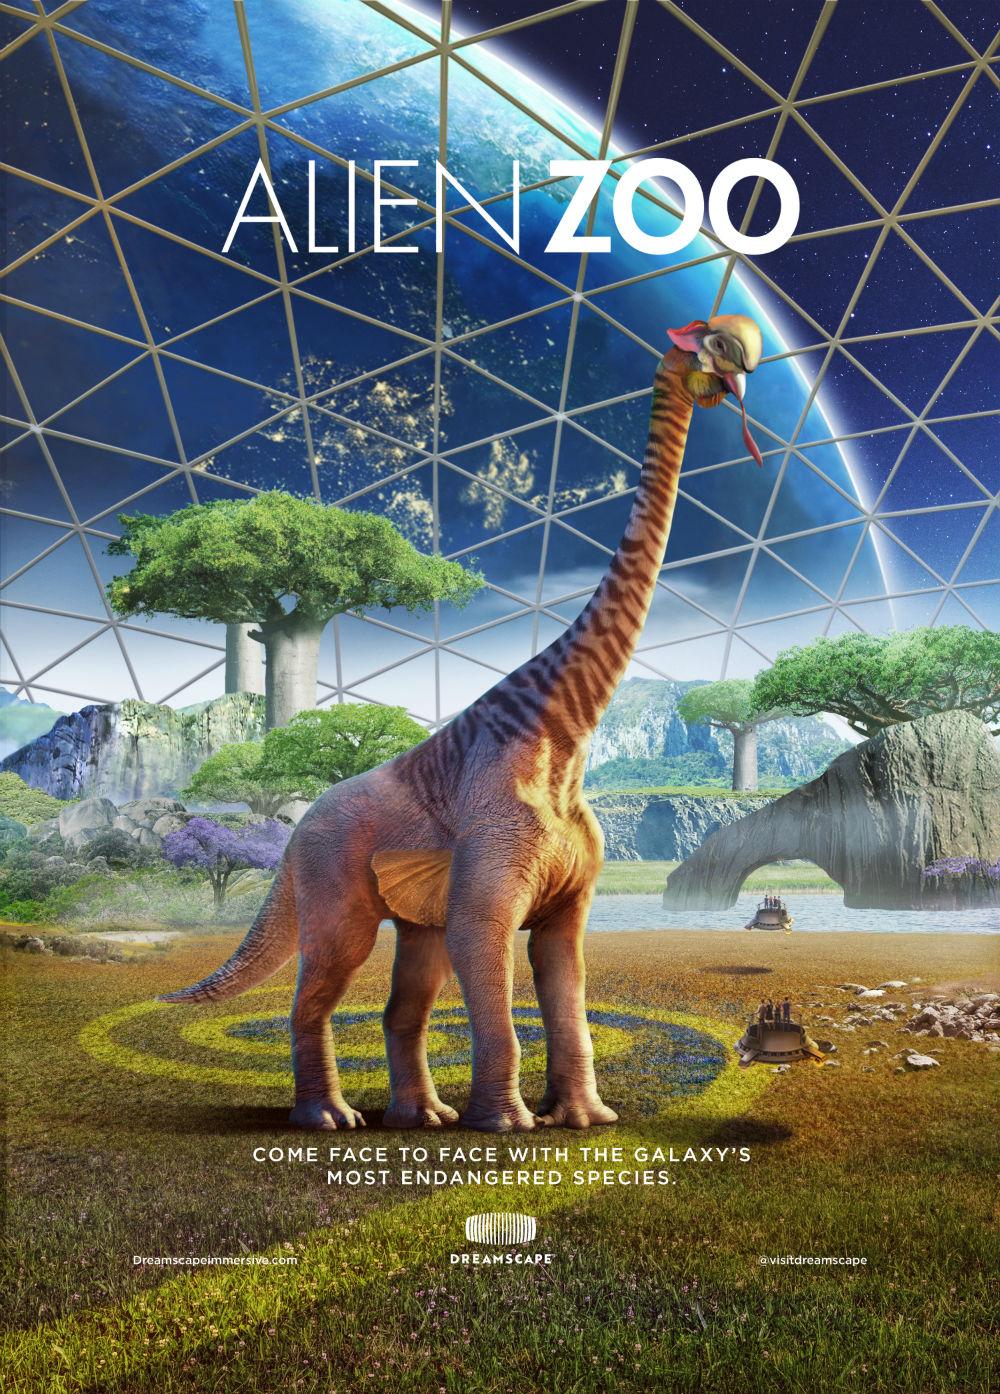 Alien-Zoo-Dremscape-Immersive